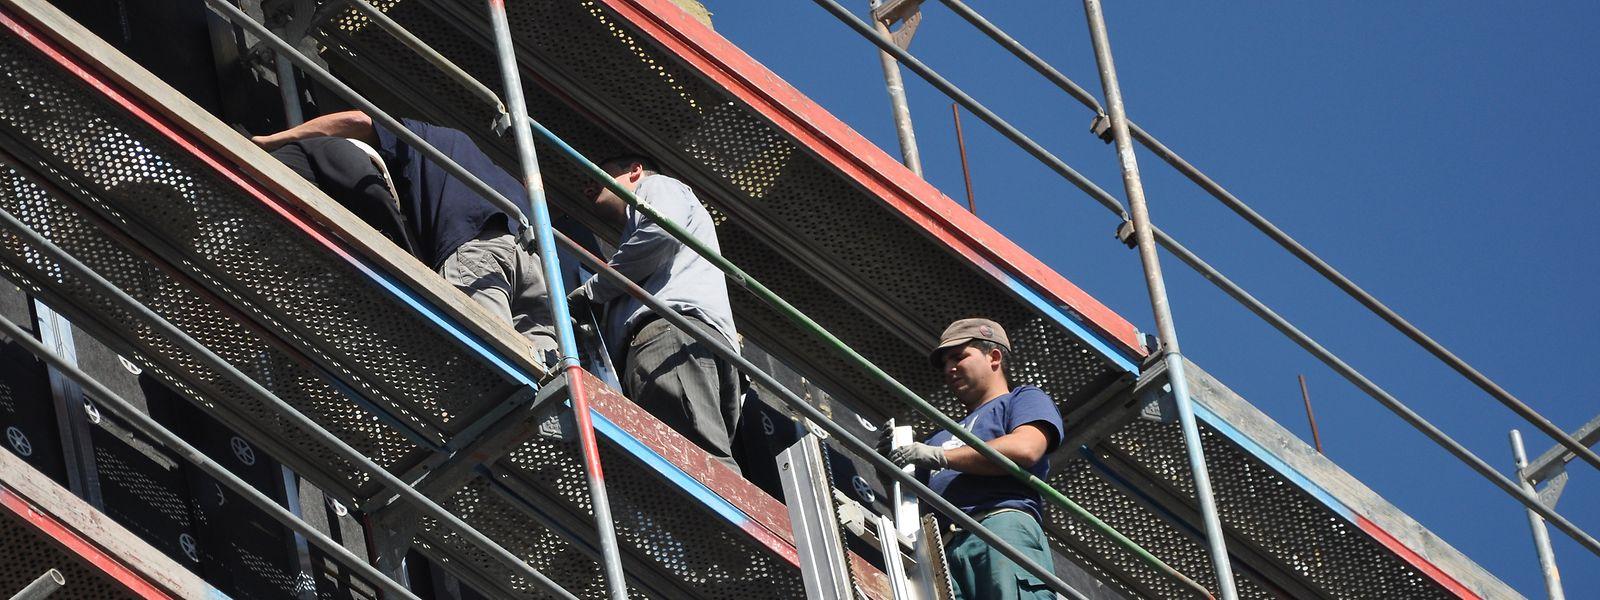 Pour les futurs PAP, la place réservée aux logements abordables pourrait aller jusqu'à 30% de la surface à bâtir.